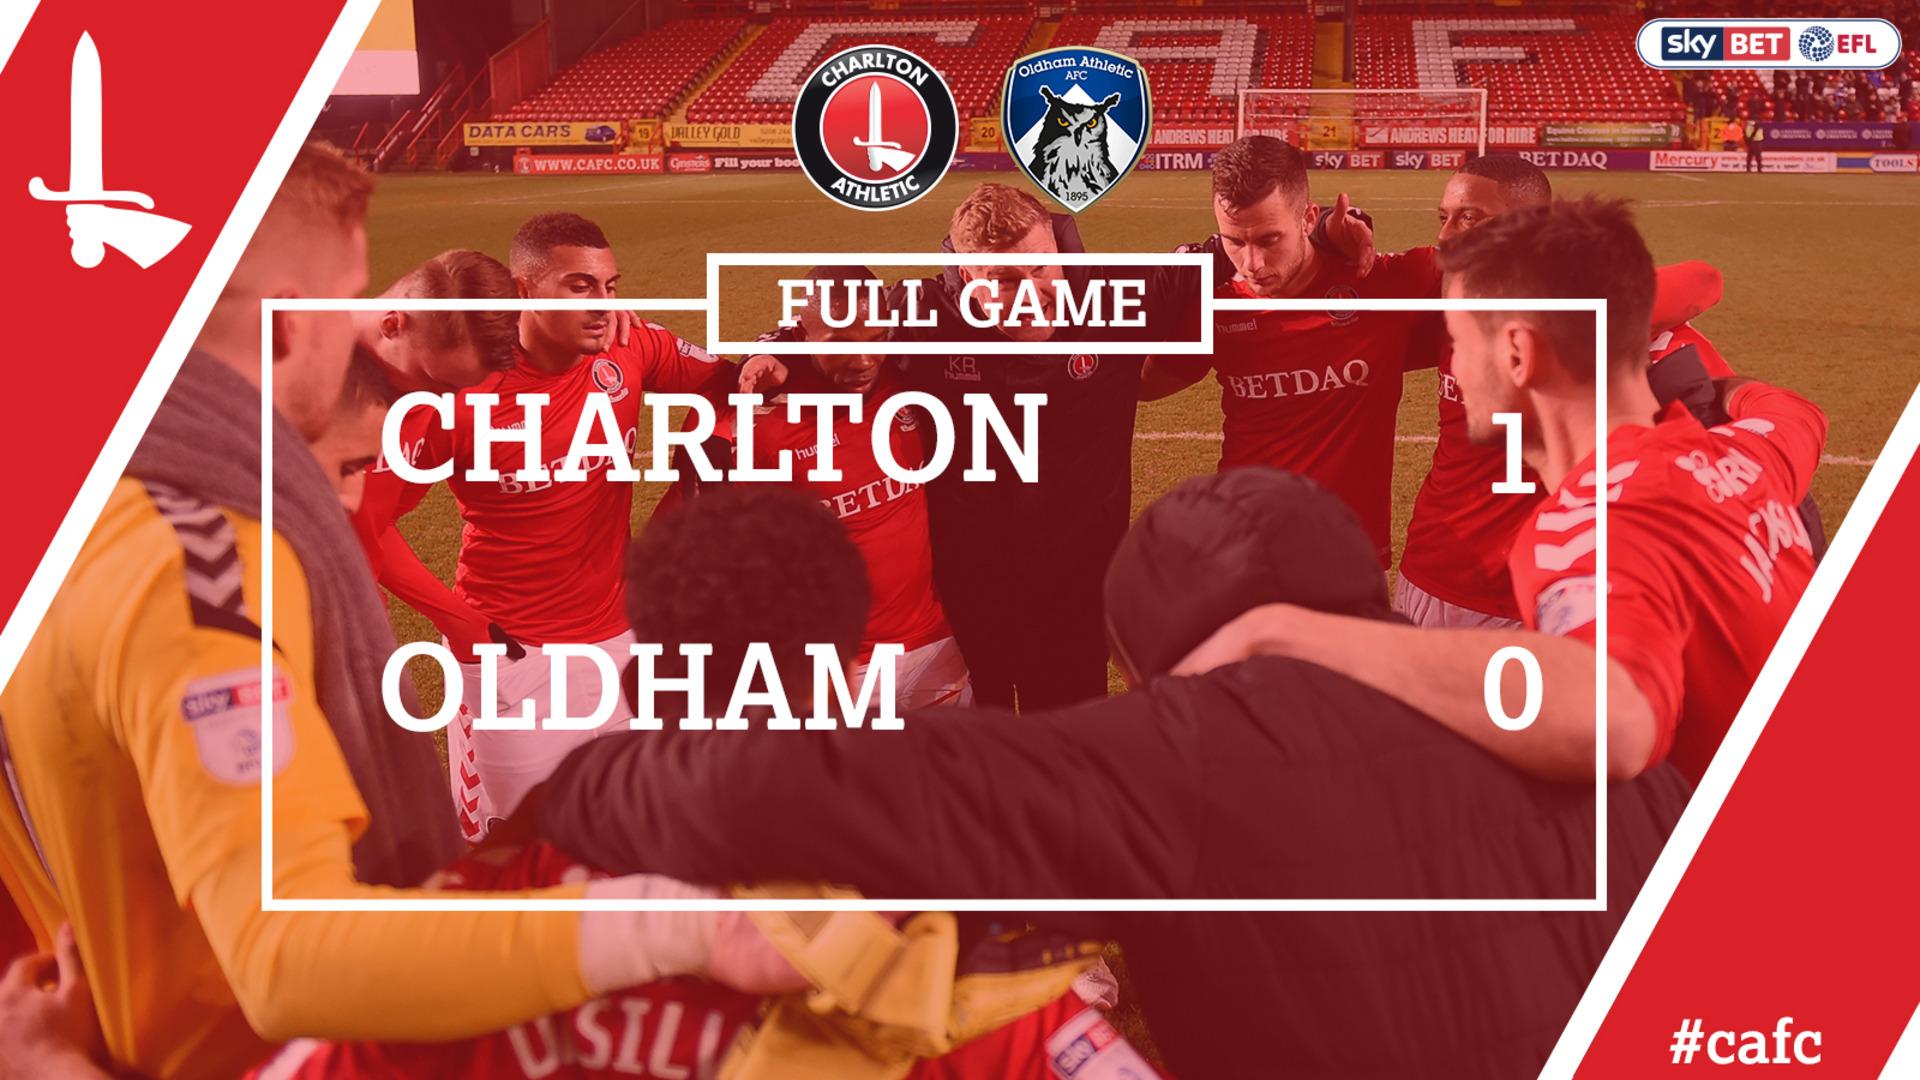 FULL GAME   Charlton 1 Oldham 0 (Jan 2017)